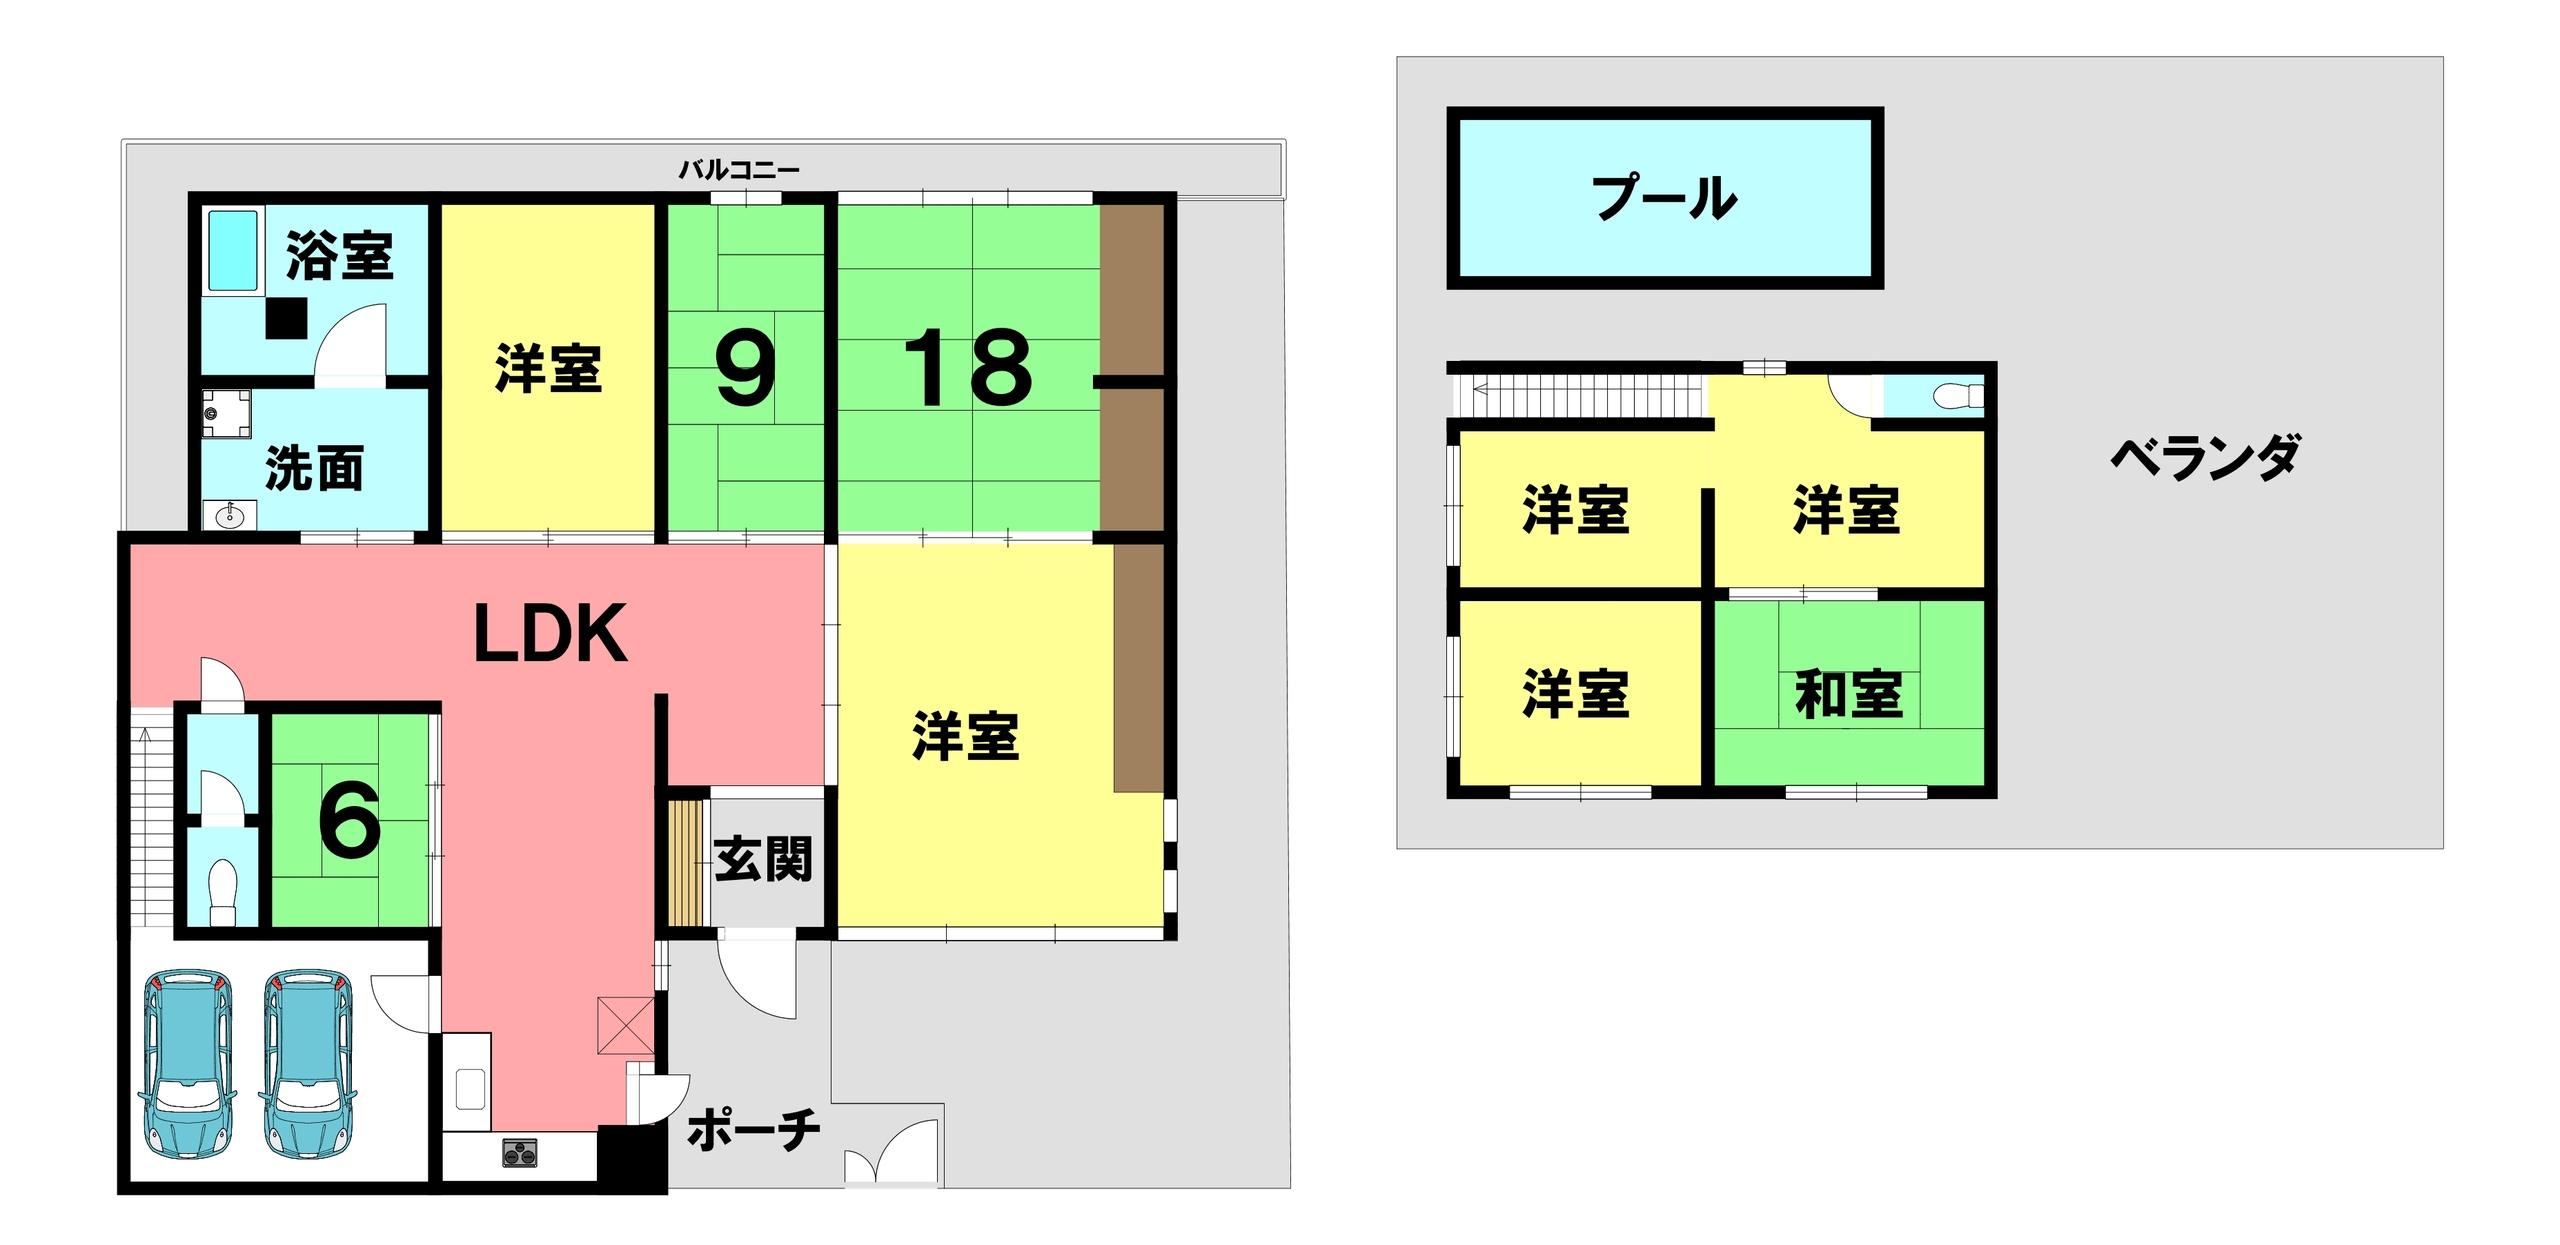 【間取り】 屋上プール有り!屋根付きシャッター車庫!普通車2台駐車可!庭10坪以上!二世帯向き!トイレ2ヶ所!